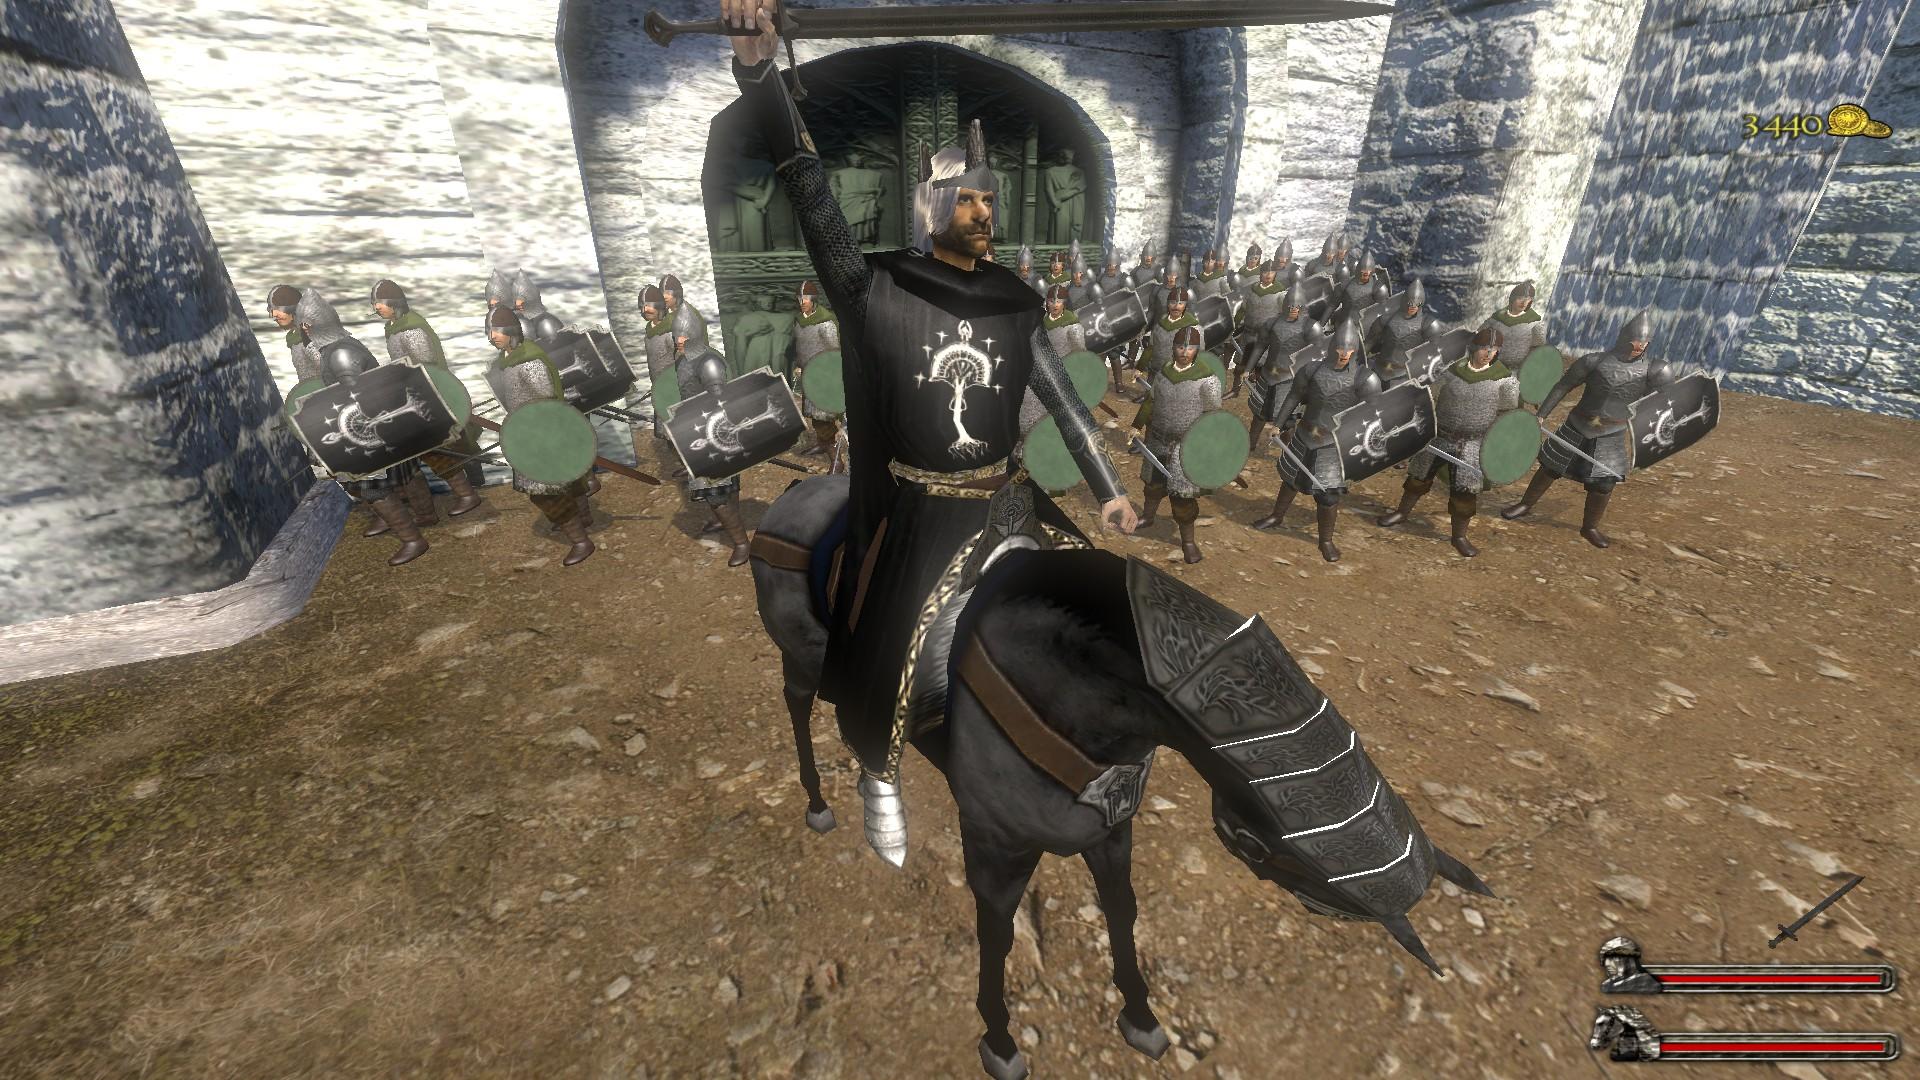 Lotr Gondor Wallpaper